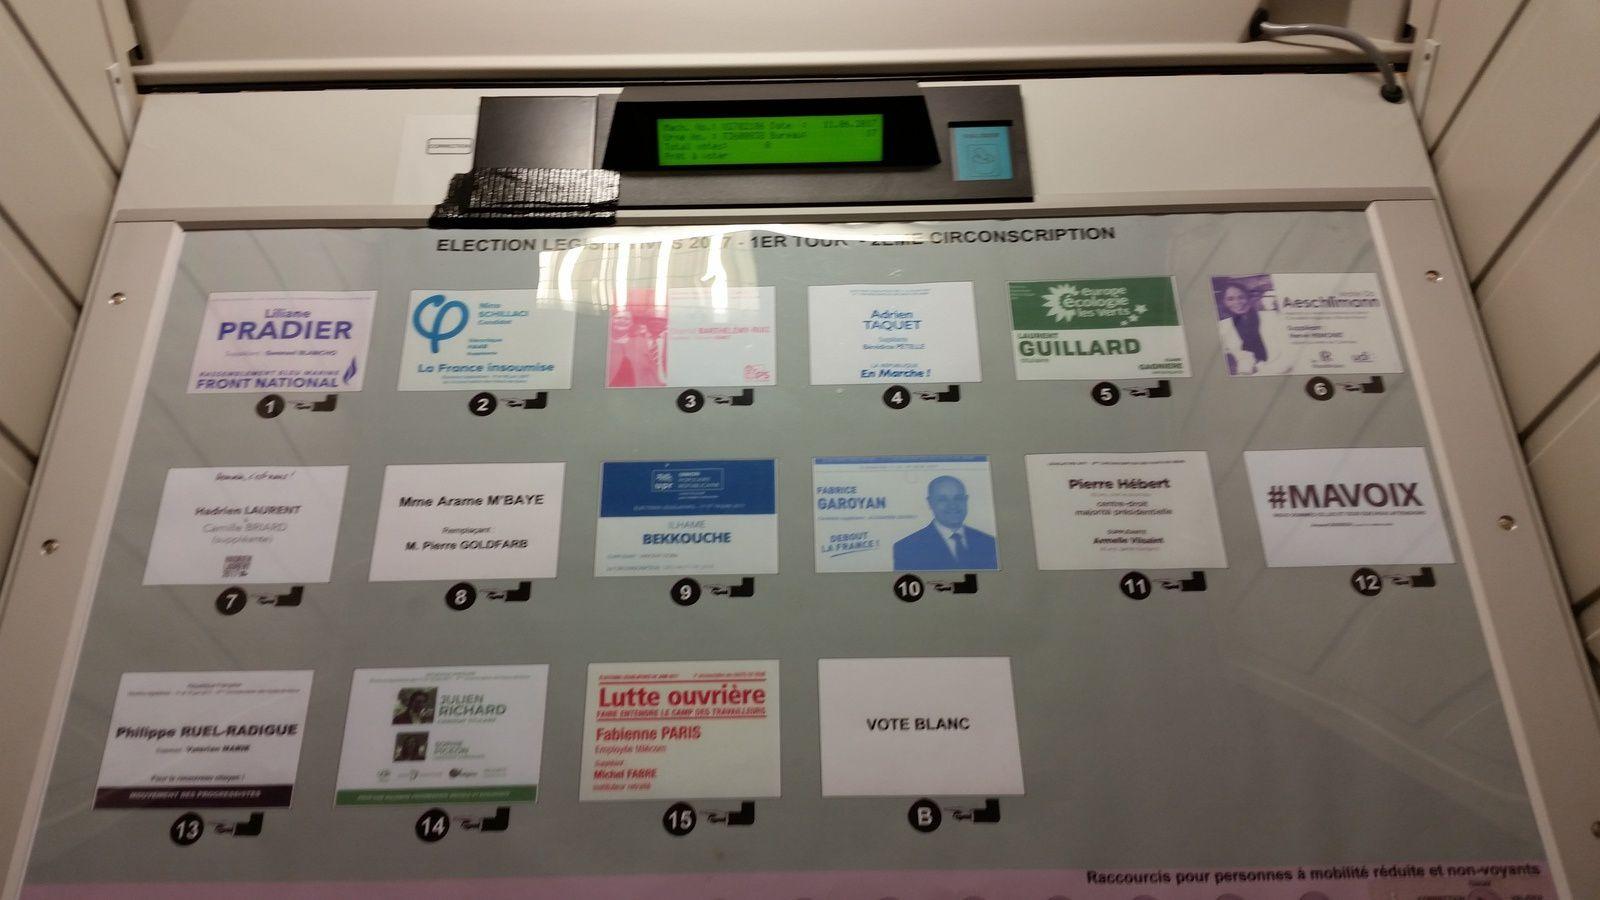 Election : comment voter dans un bureau de vote électronique ?